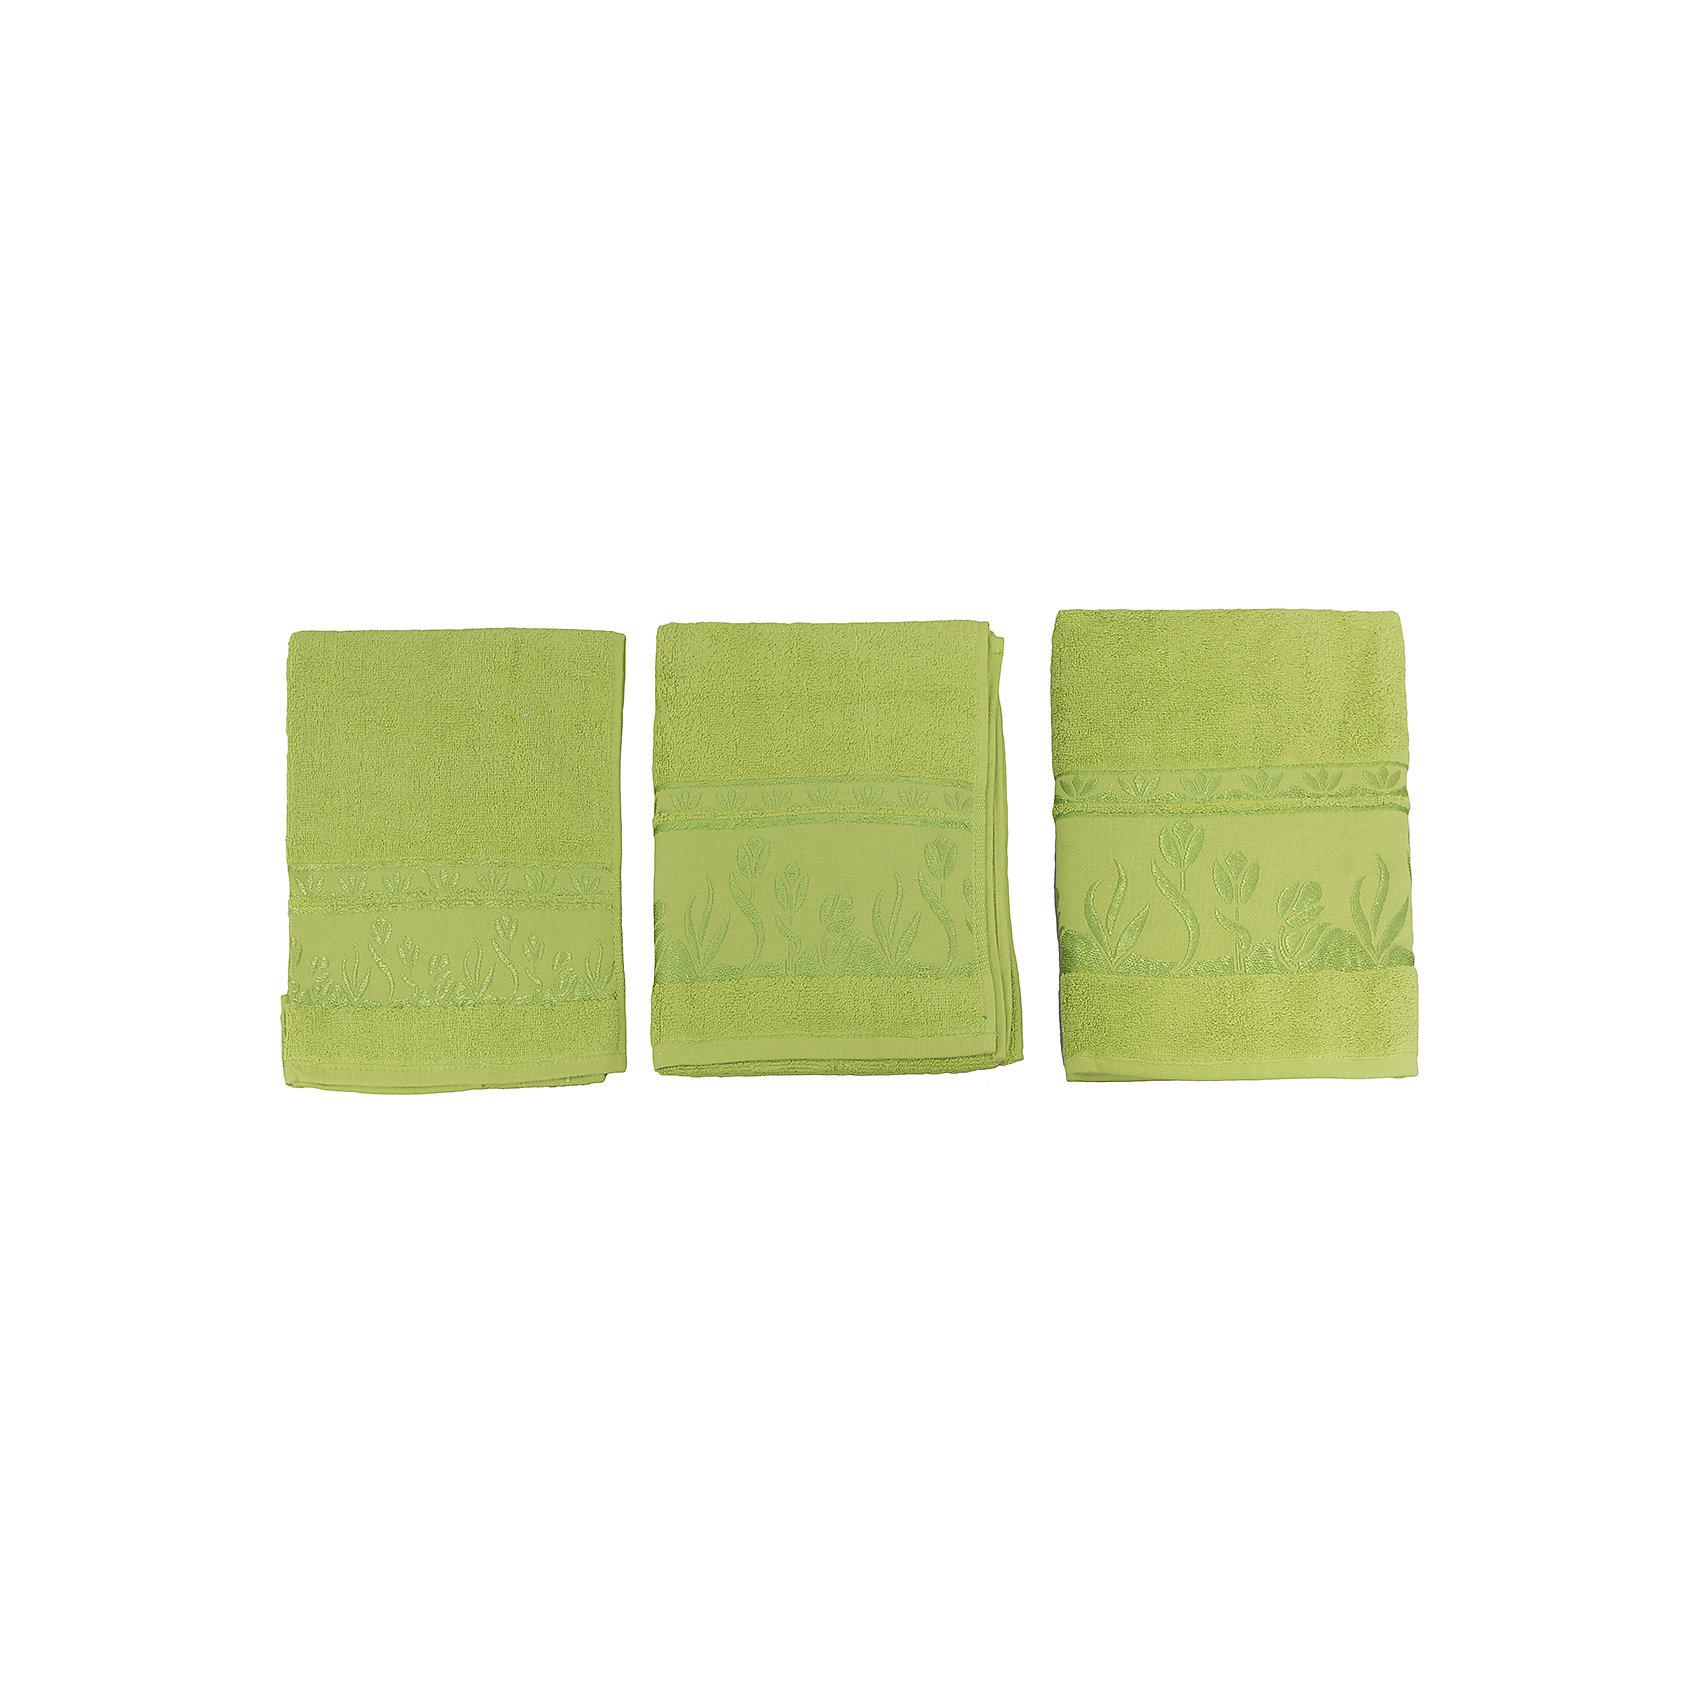 Комплект из 3 махровых полотенец Tulips, Португалия, зеленыйДомашний текстиль<br>Комплект махровых полотенец Tulips идеально подойдет для всей семьи. В комплект входят 3 полотенца разных размеров. Все изделия очень мягкие, изготовлены из качественного хлопка и очень приятны телу. Украшены красивым орнаментом по краю. Отличный вариант для вашей ванной комнаты!<br><br>Дополнительная информация:<br>Материал: 100% хлопок<br>Цвет: зеленый<br>Размеры: 40х75; 50х100; 70х140 см<br>Торговая марка: Португалия<br><br>Вы можете купить комплект из 3-х махровых полотенец Tulips в нашем интернет-магазине.<br><br>Ширина мм: 500<br>Глубина мм: 500<br>Высота мм: 200<br>Вес г: 700<br>Возраст от месяцев: 0<br>Возраст до месяцев: 144<br>Пол: Унисекс<br>Возраст: Детский<br>SKU: 5010908